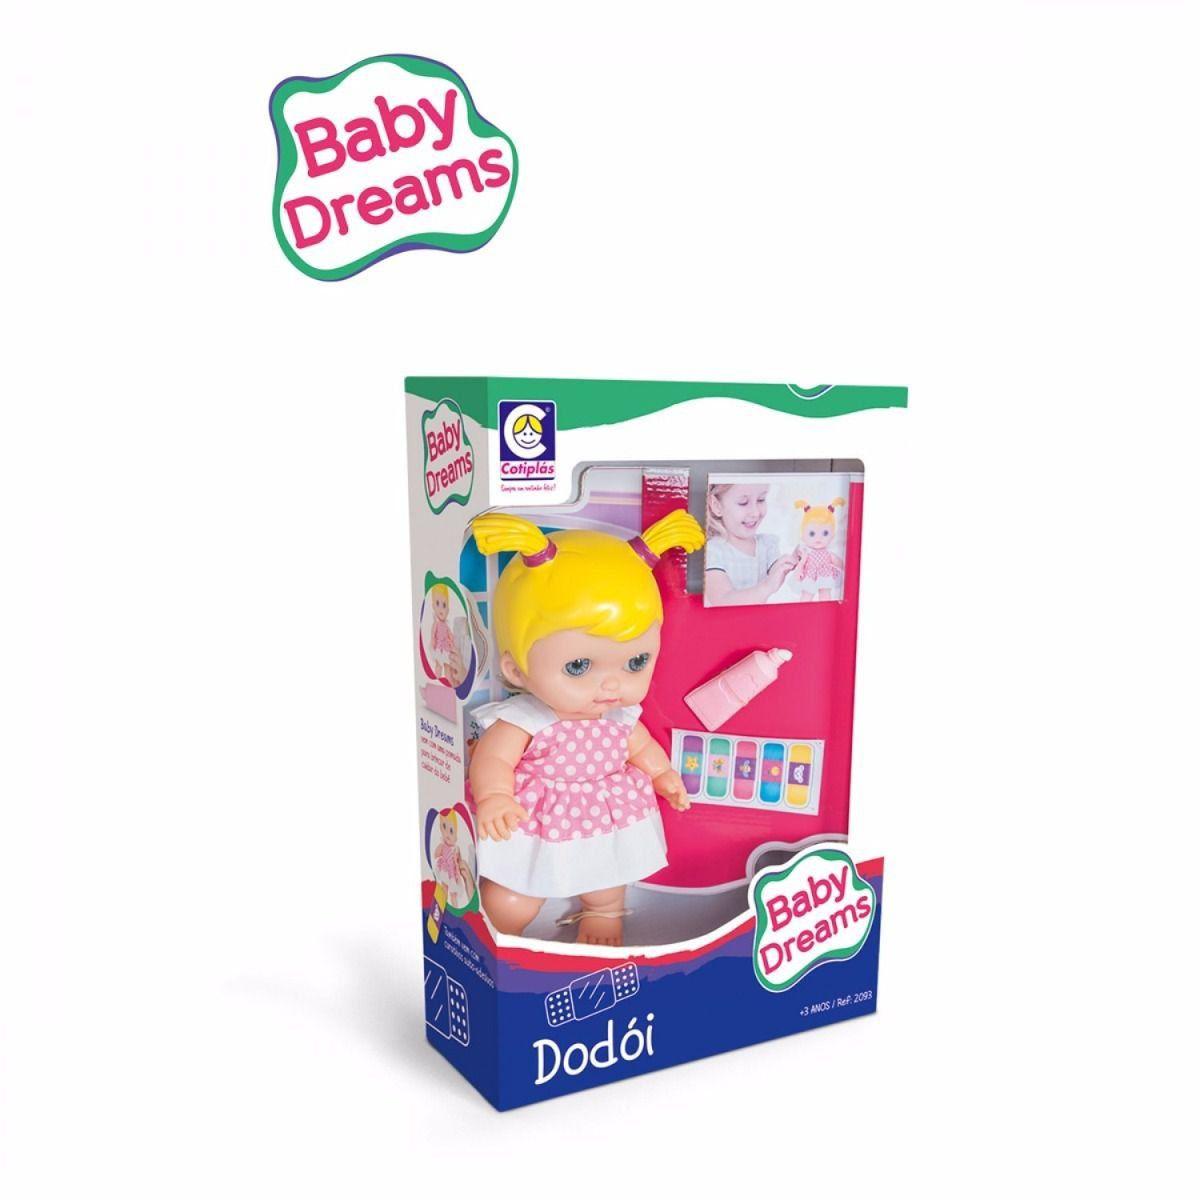 Boneca Baby Dreams Dodoi 2093 - Cotiplás